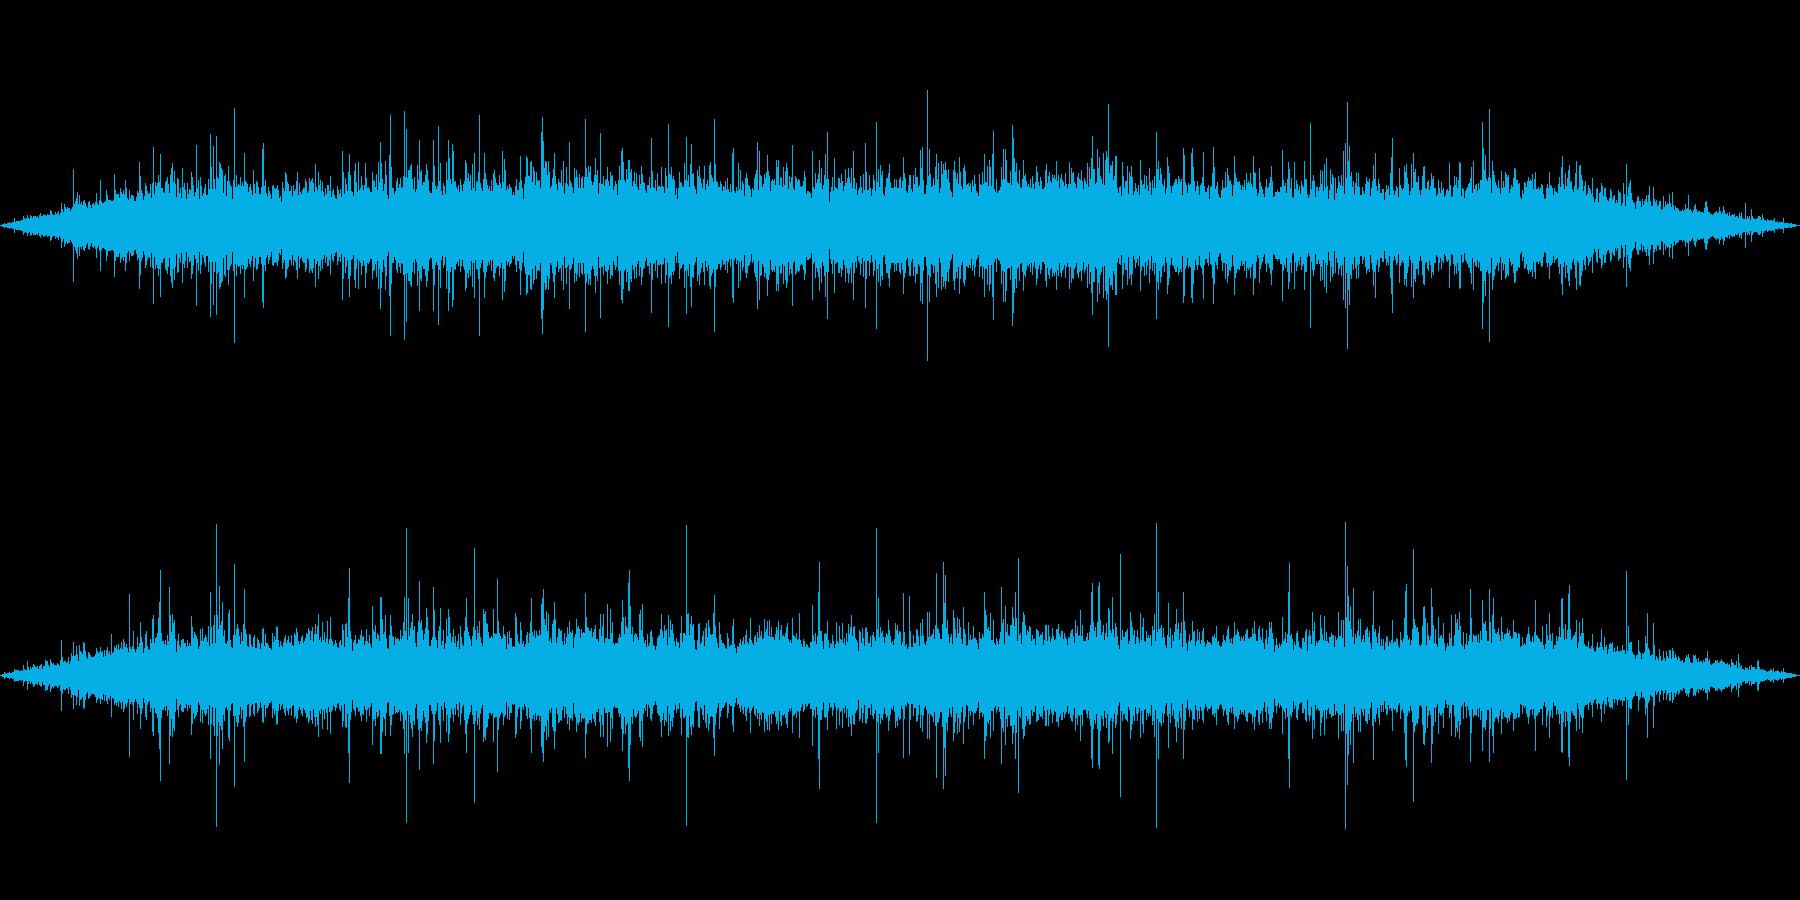 雨 雨音(家、屋根、窓などに当たる音)2の再生済みの波形